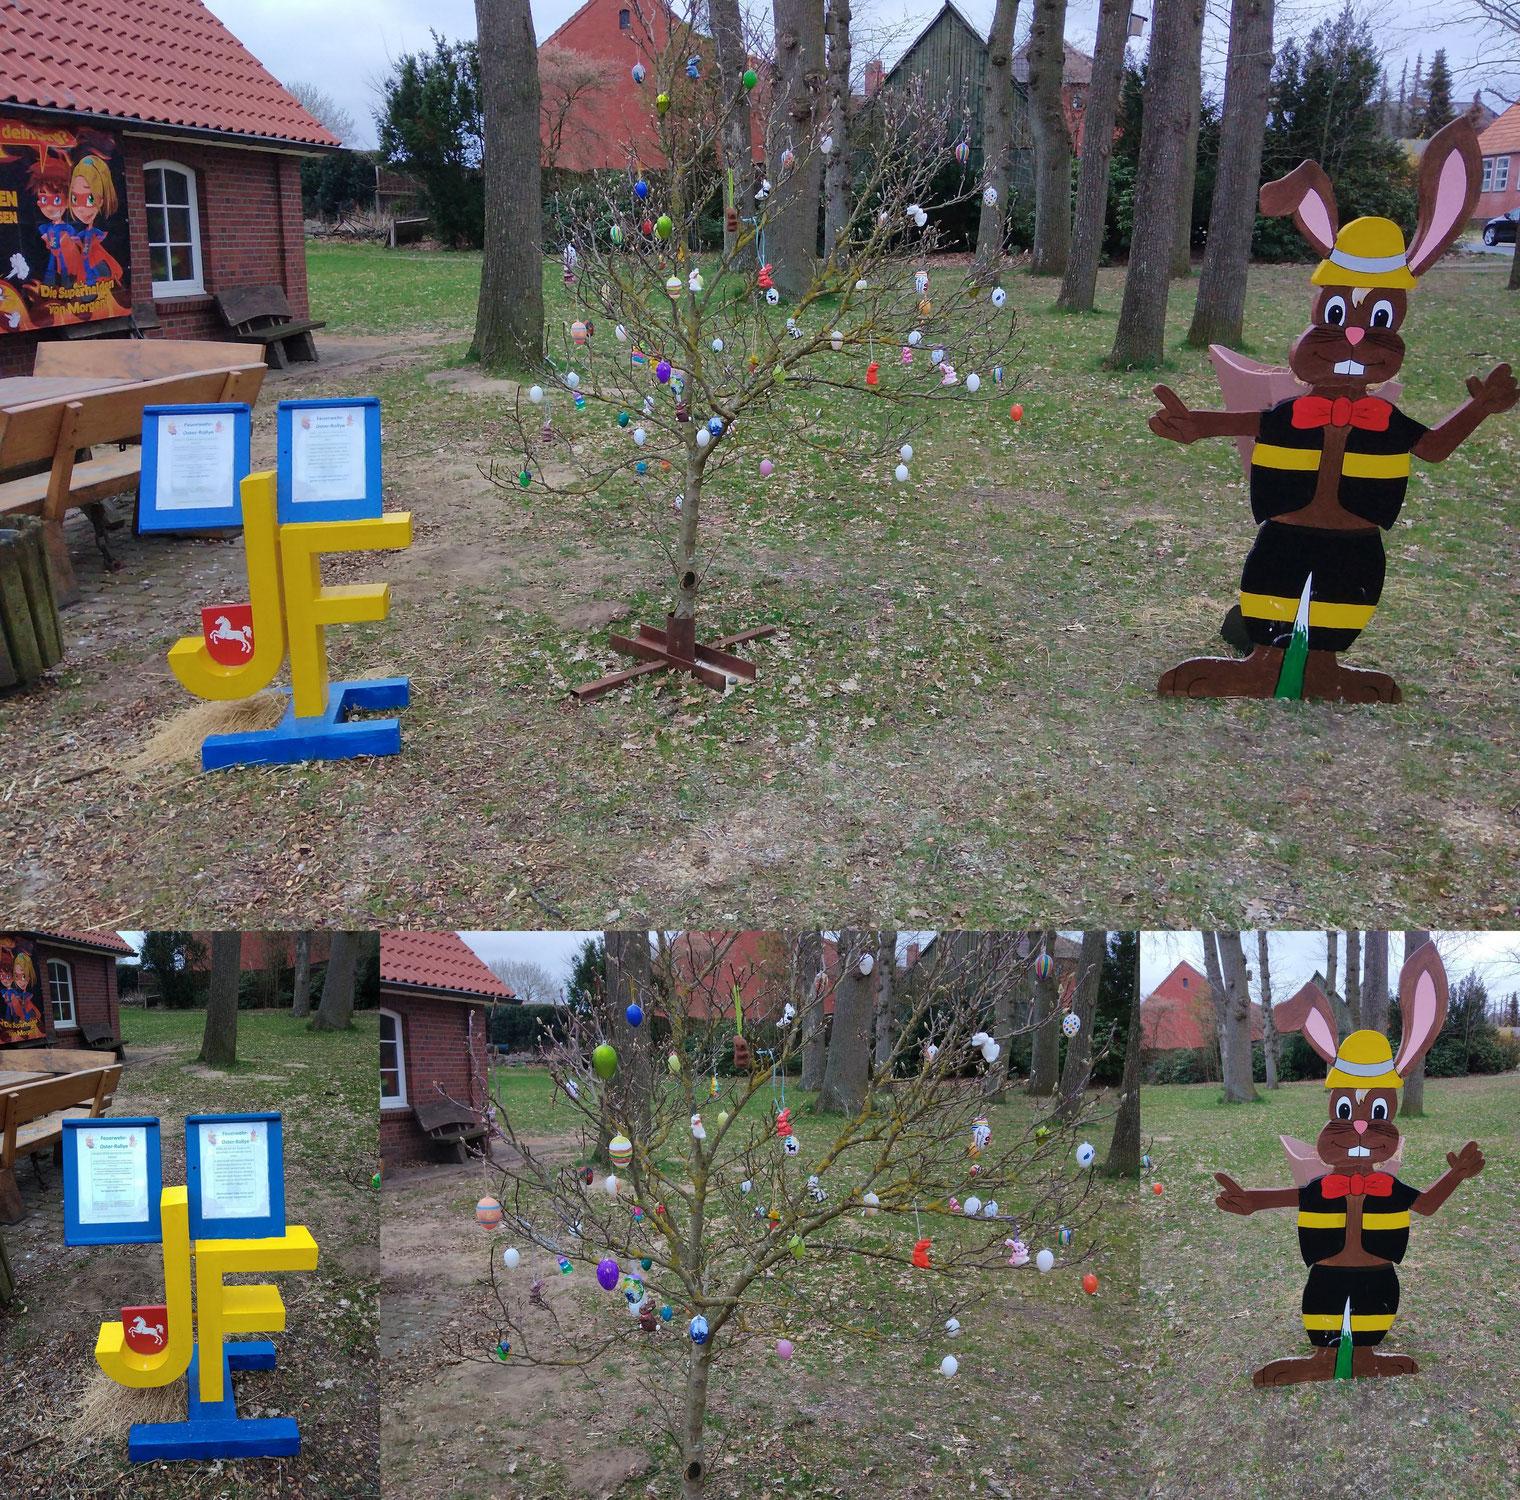 Feuerwehr-Oster-Rallye und Ostereichhof